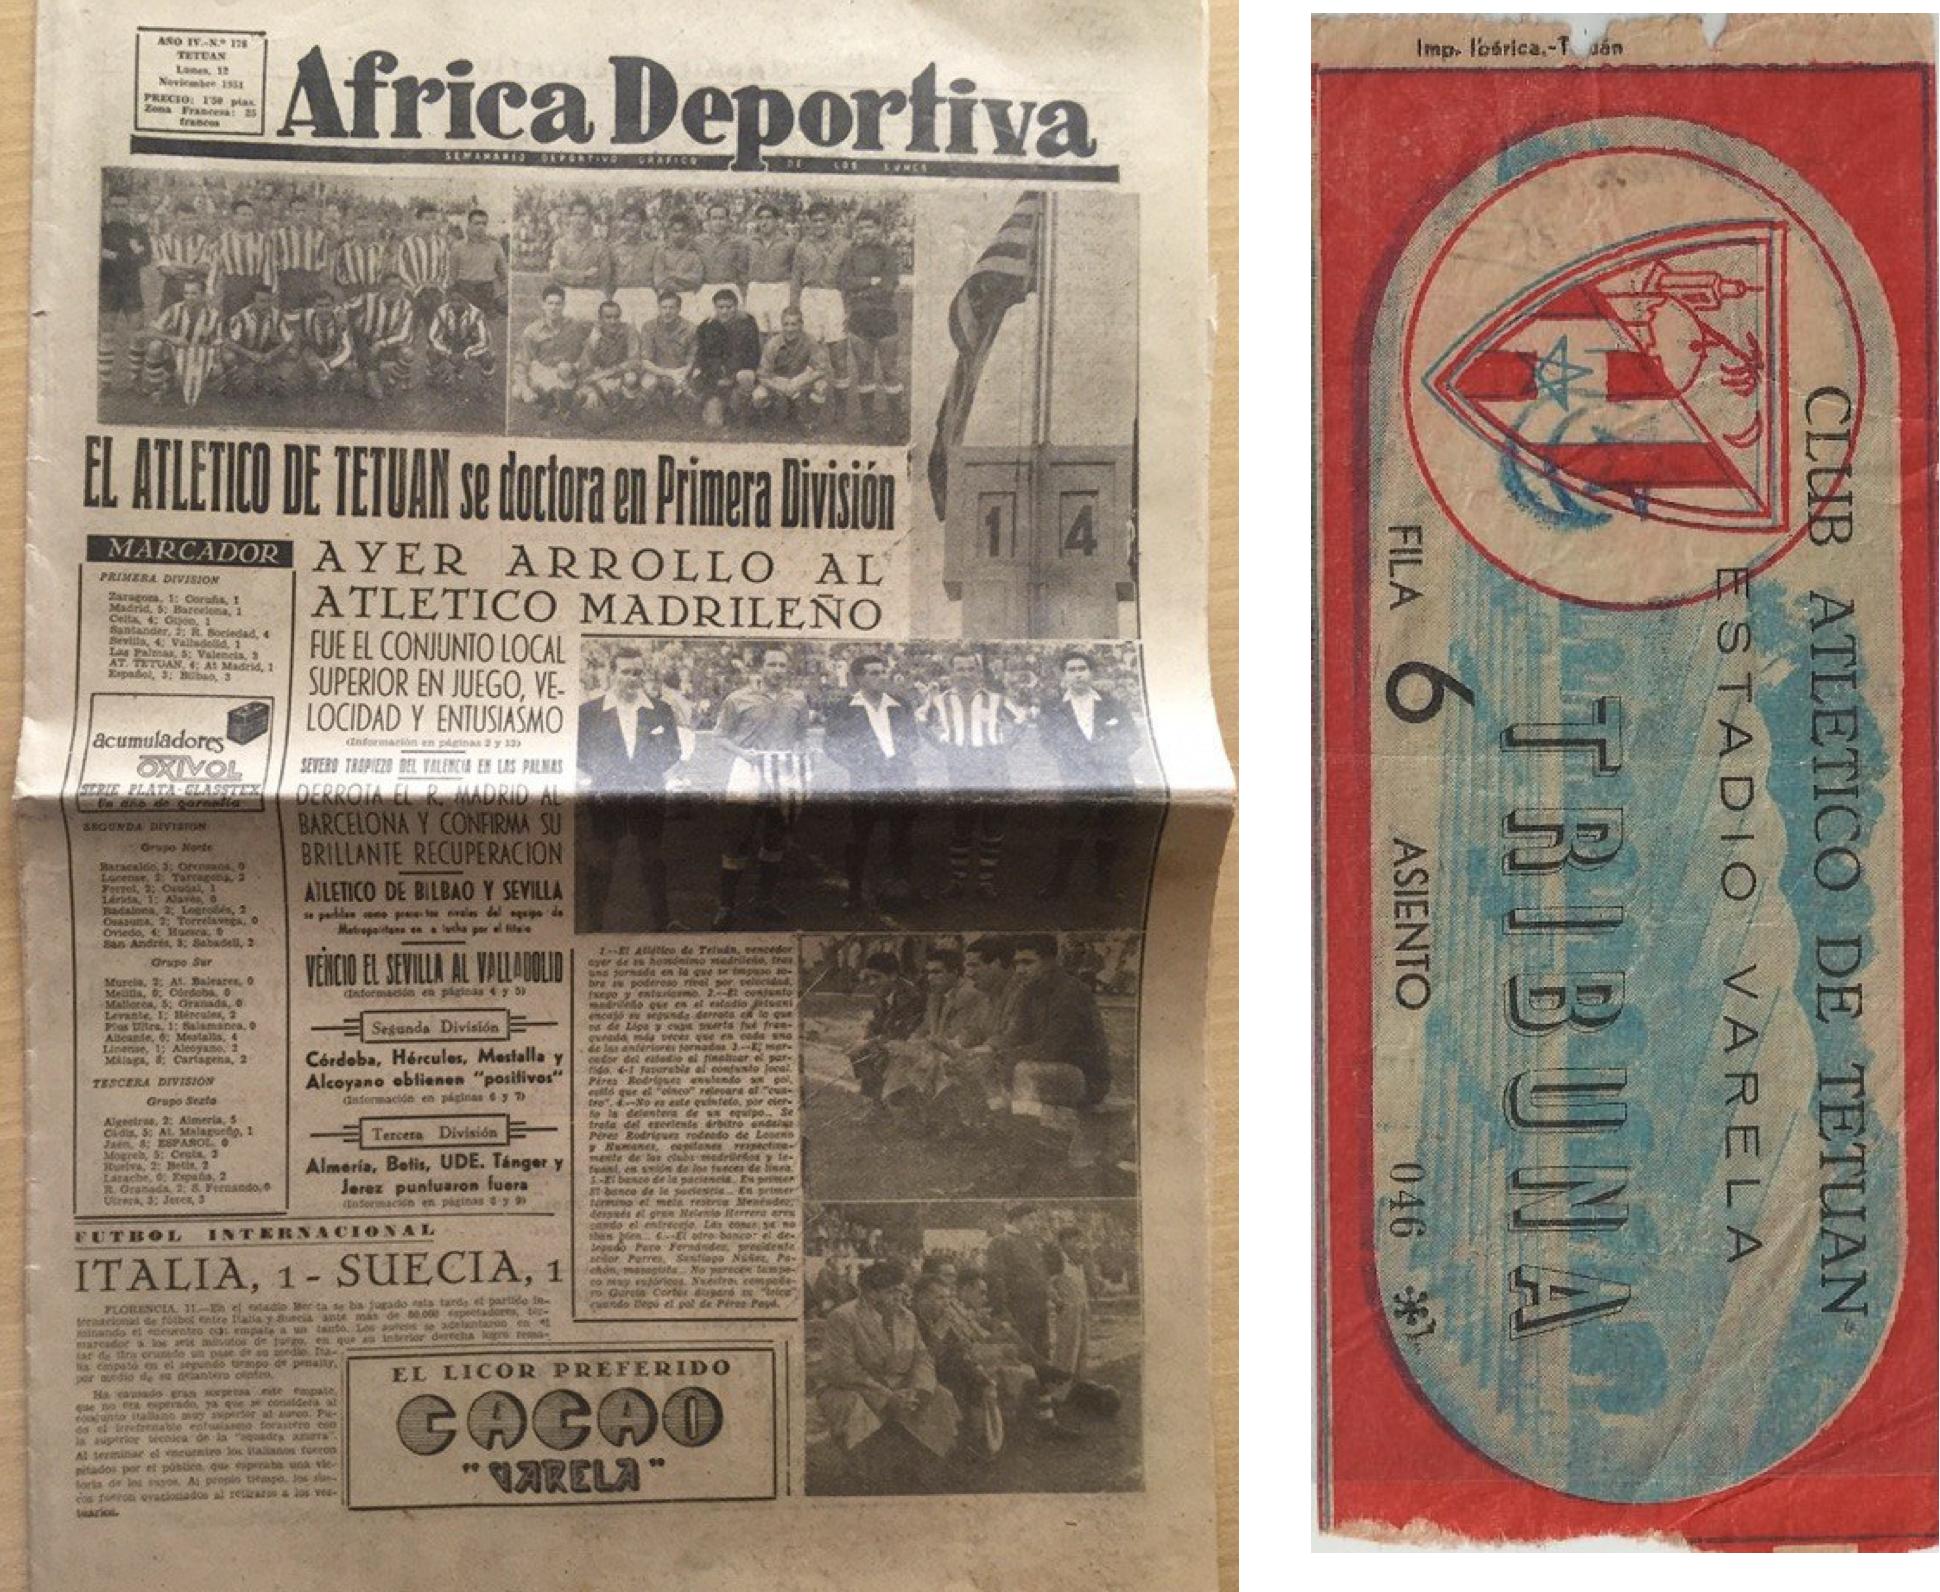 Однажды в Примере играла команда из Африки. Ее основали болельщики «Атлетико» 100 лет назад – клубы до сих пор дружат